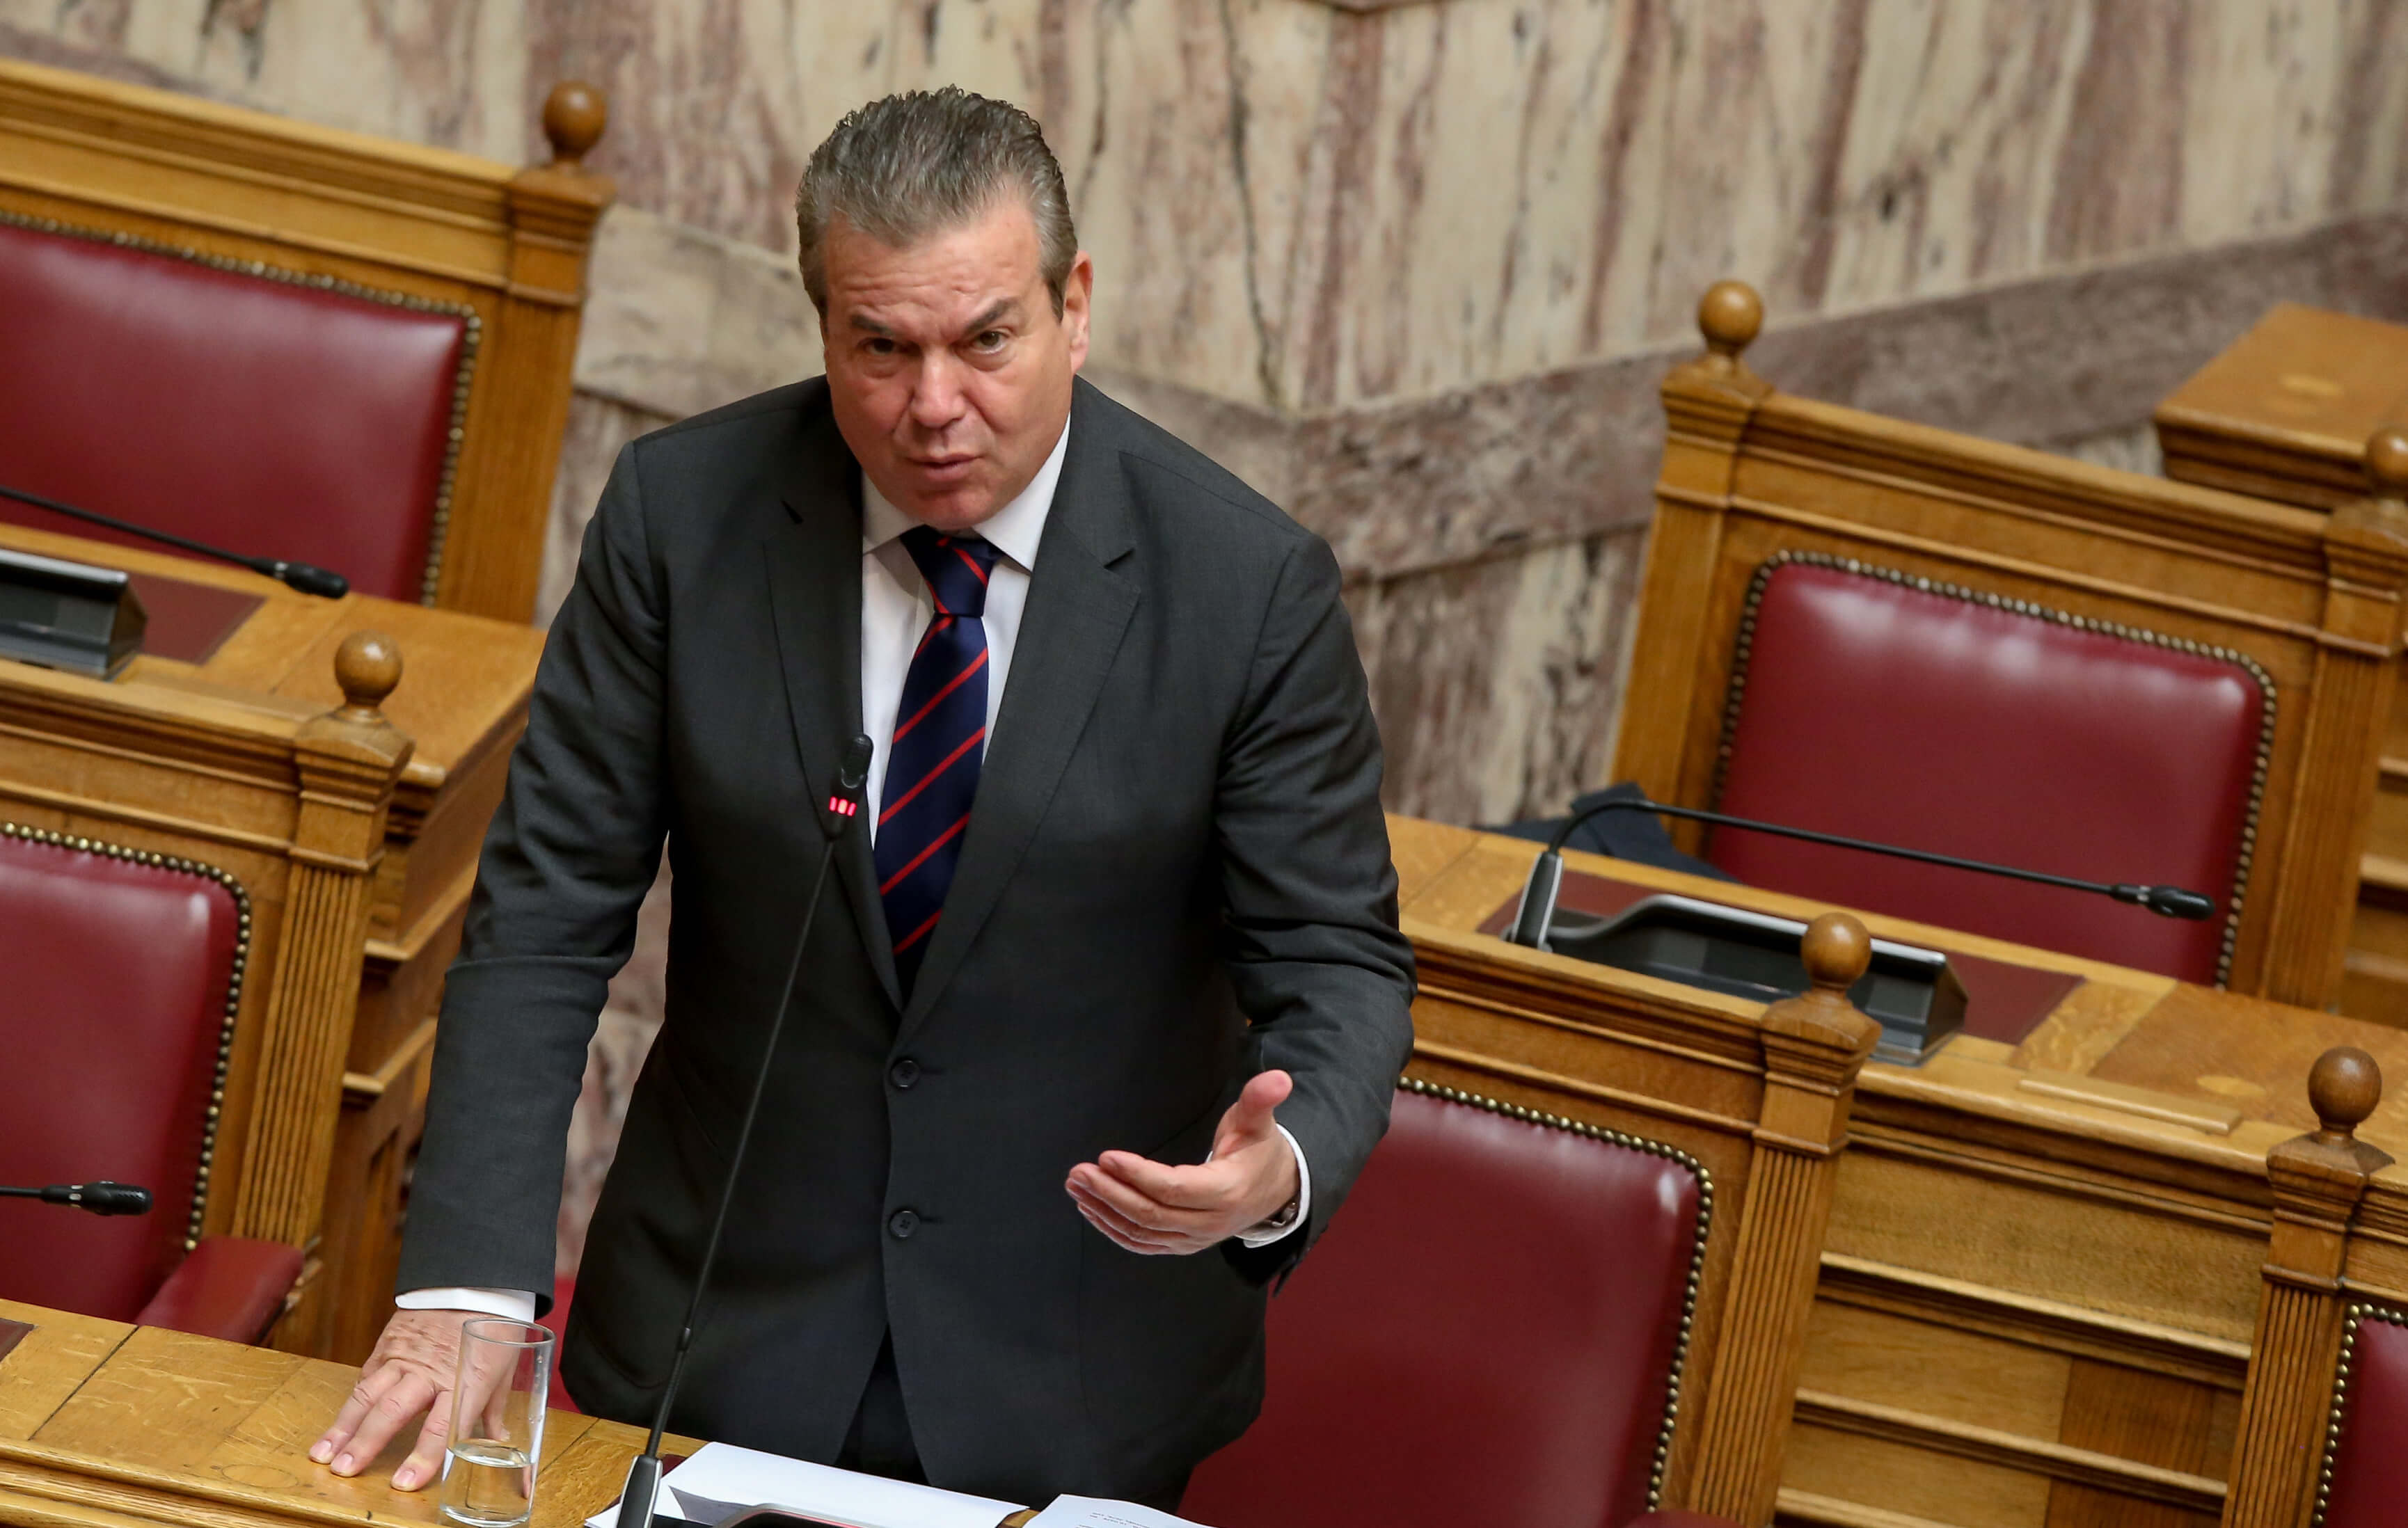 Πετρόπουλος: Το πλεόνασμα του ΕΦΚΑ μας επιτρέπει να προχωρήσουμε στις 120 δόσεις